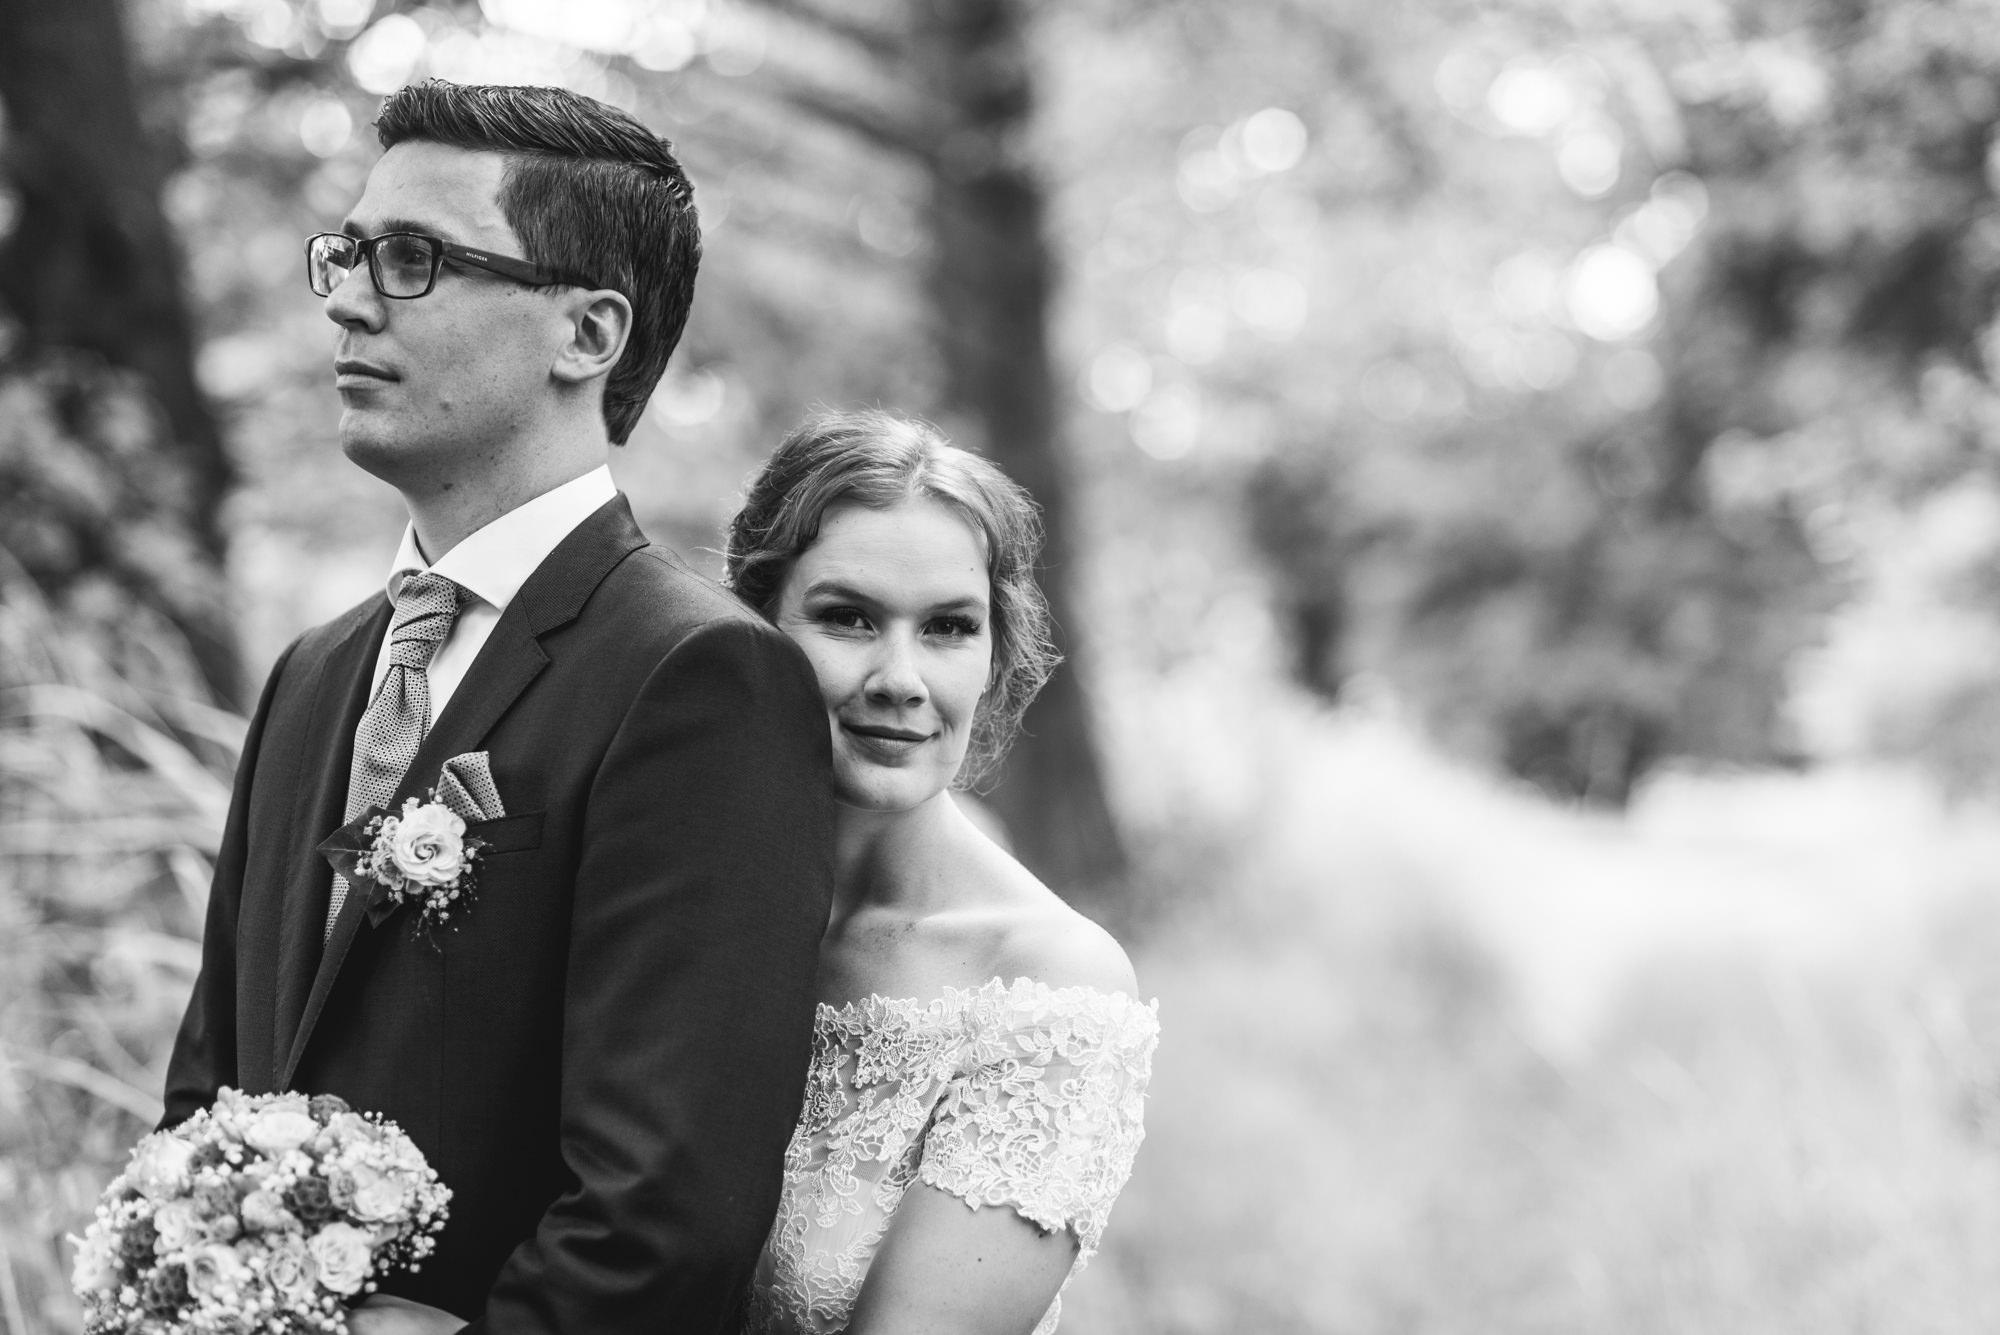 Paul-Glaser_Hochzeit_Frances+Oliver-034